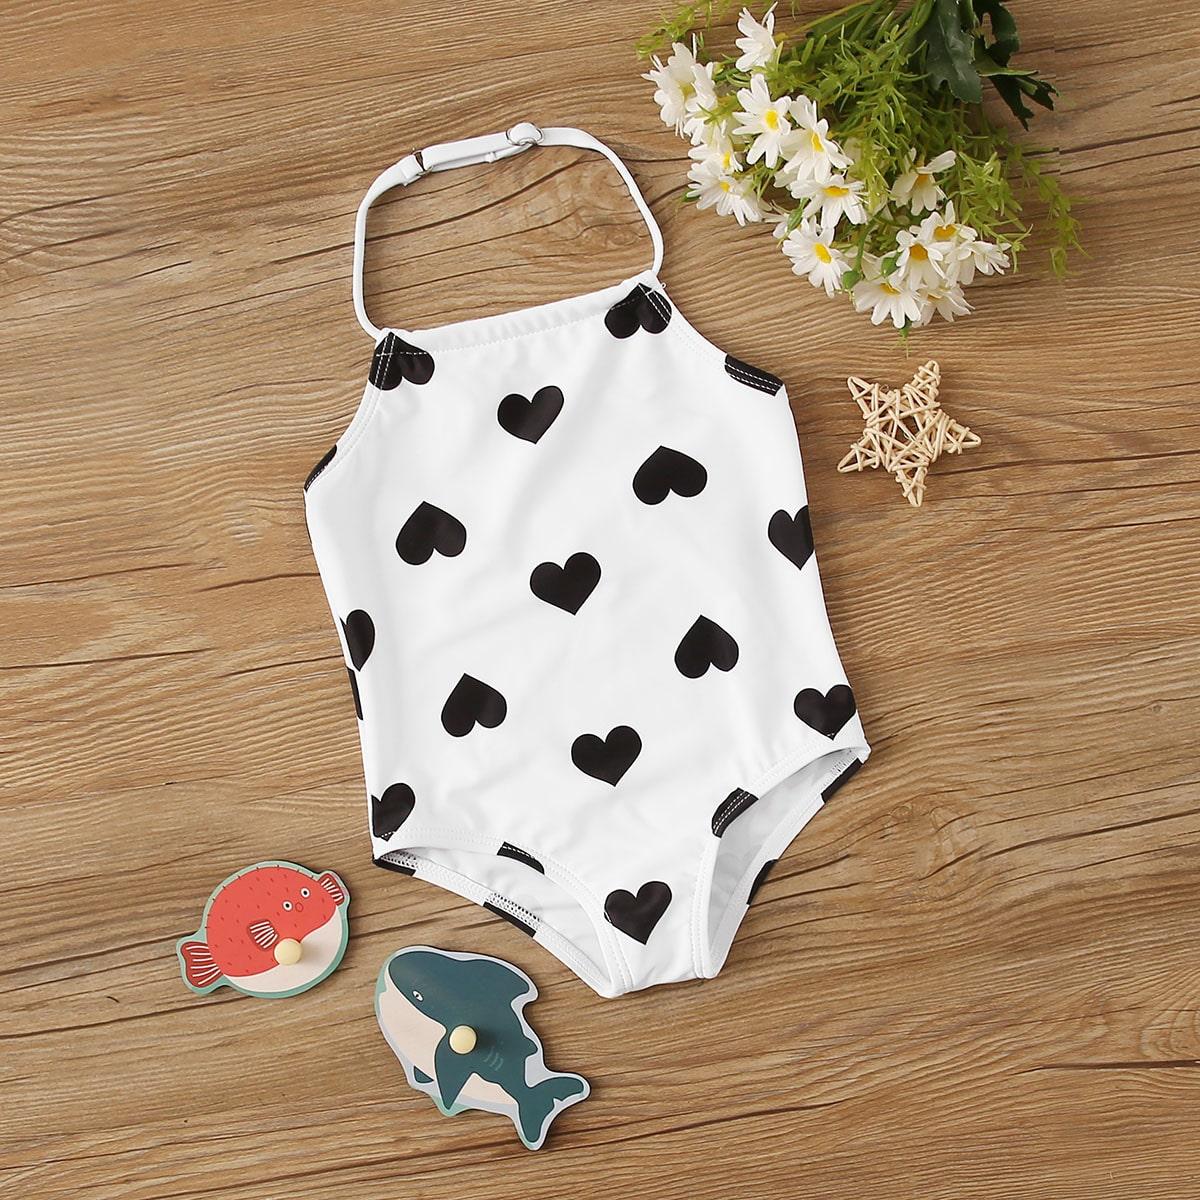 Baby Girl Heart Willekeurige print zwemkleding uit een stuk